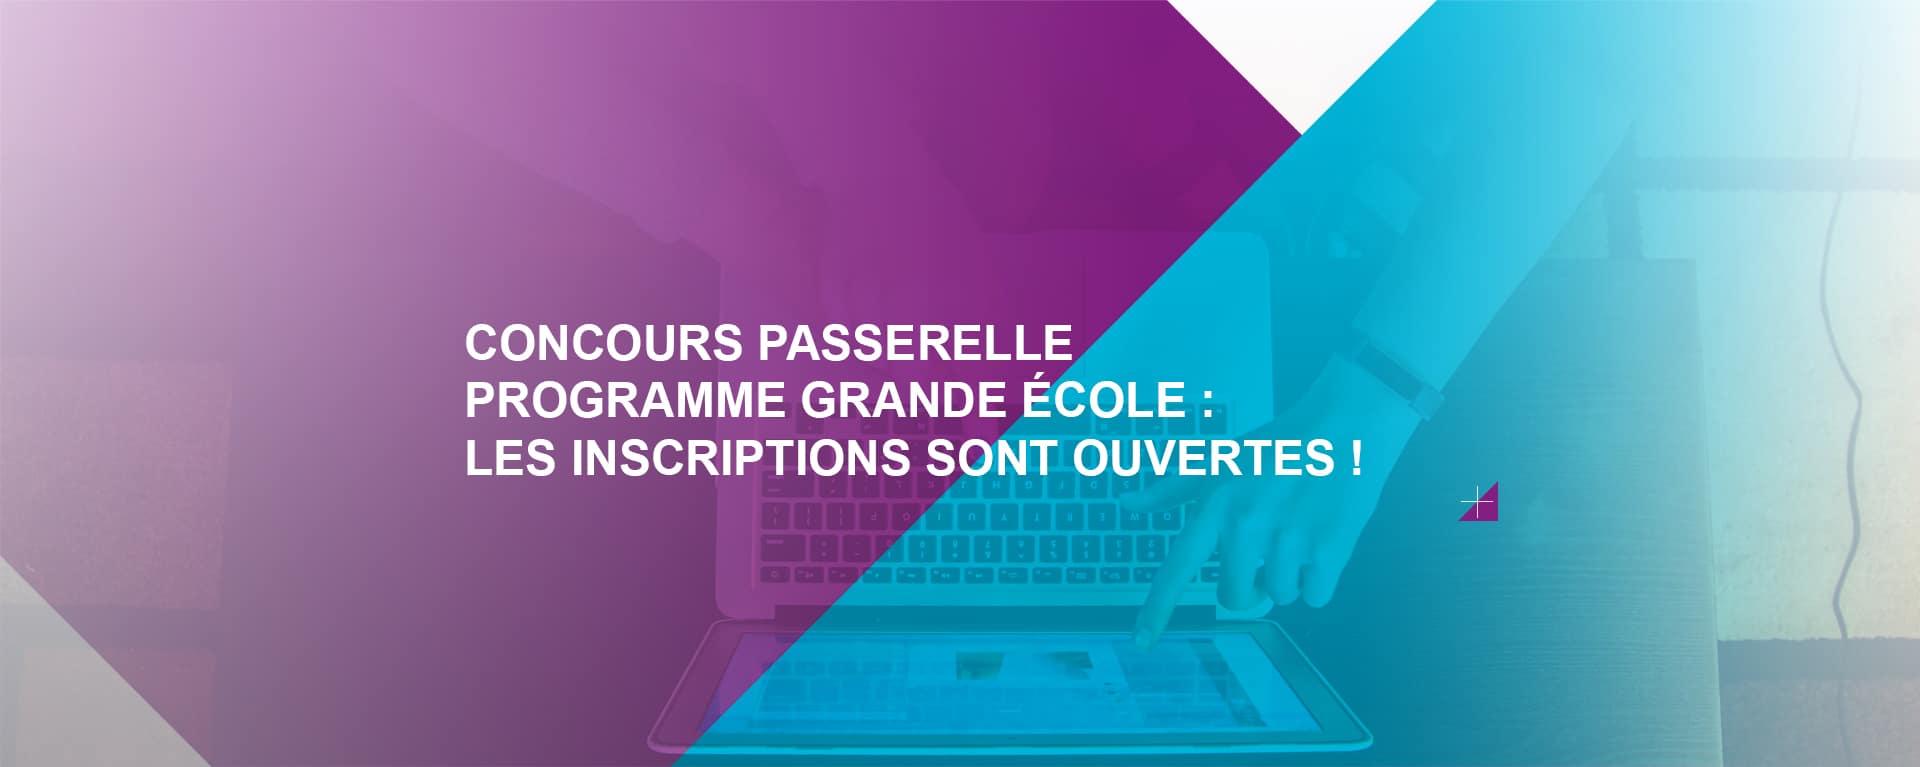 Concours Passerelle PGE _ Inscriptions ouvertes